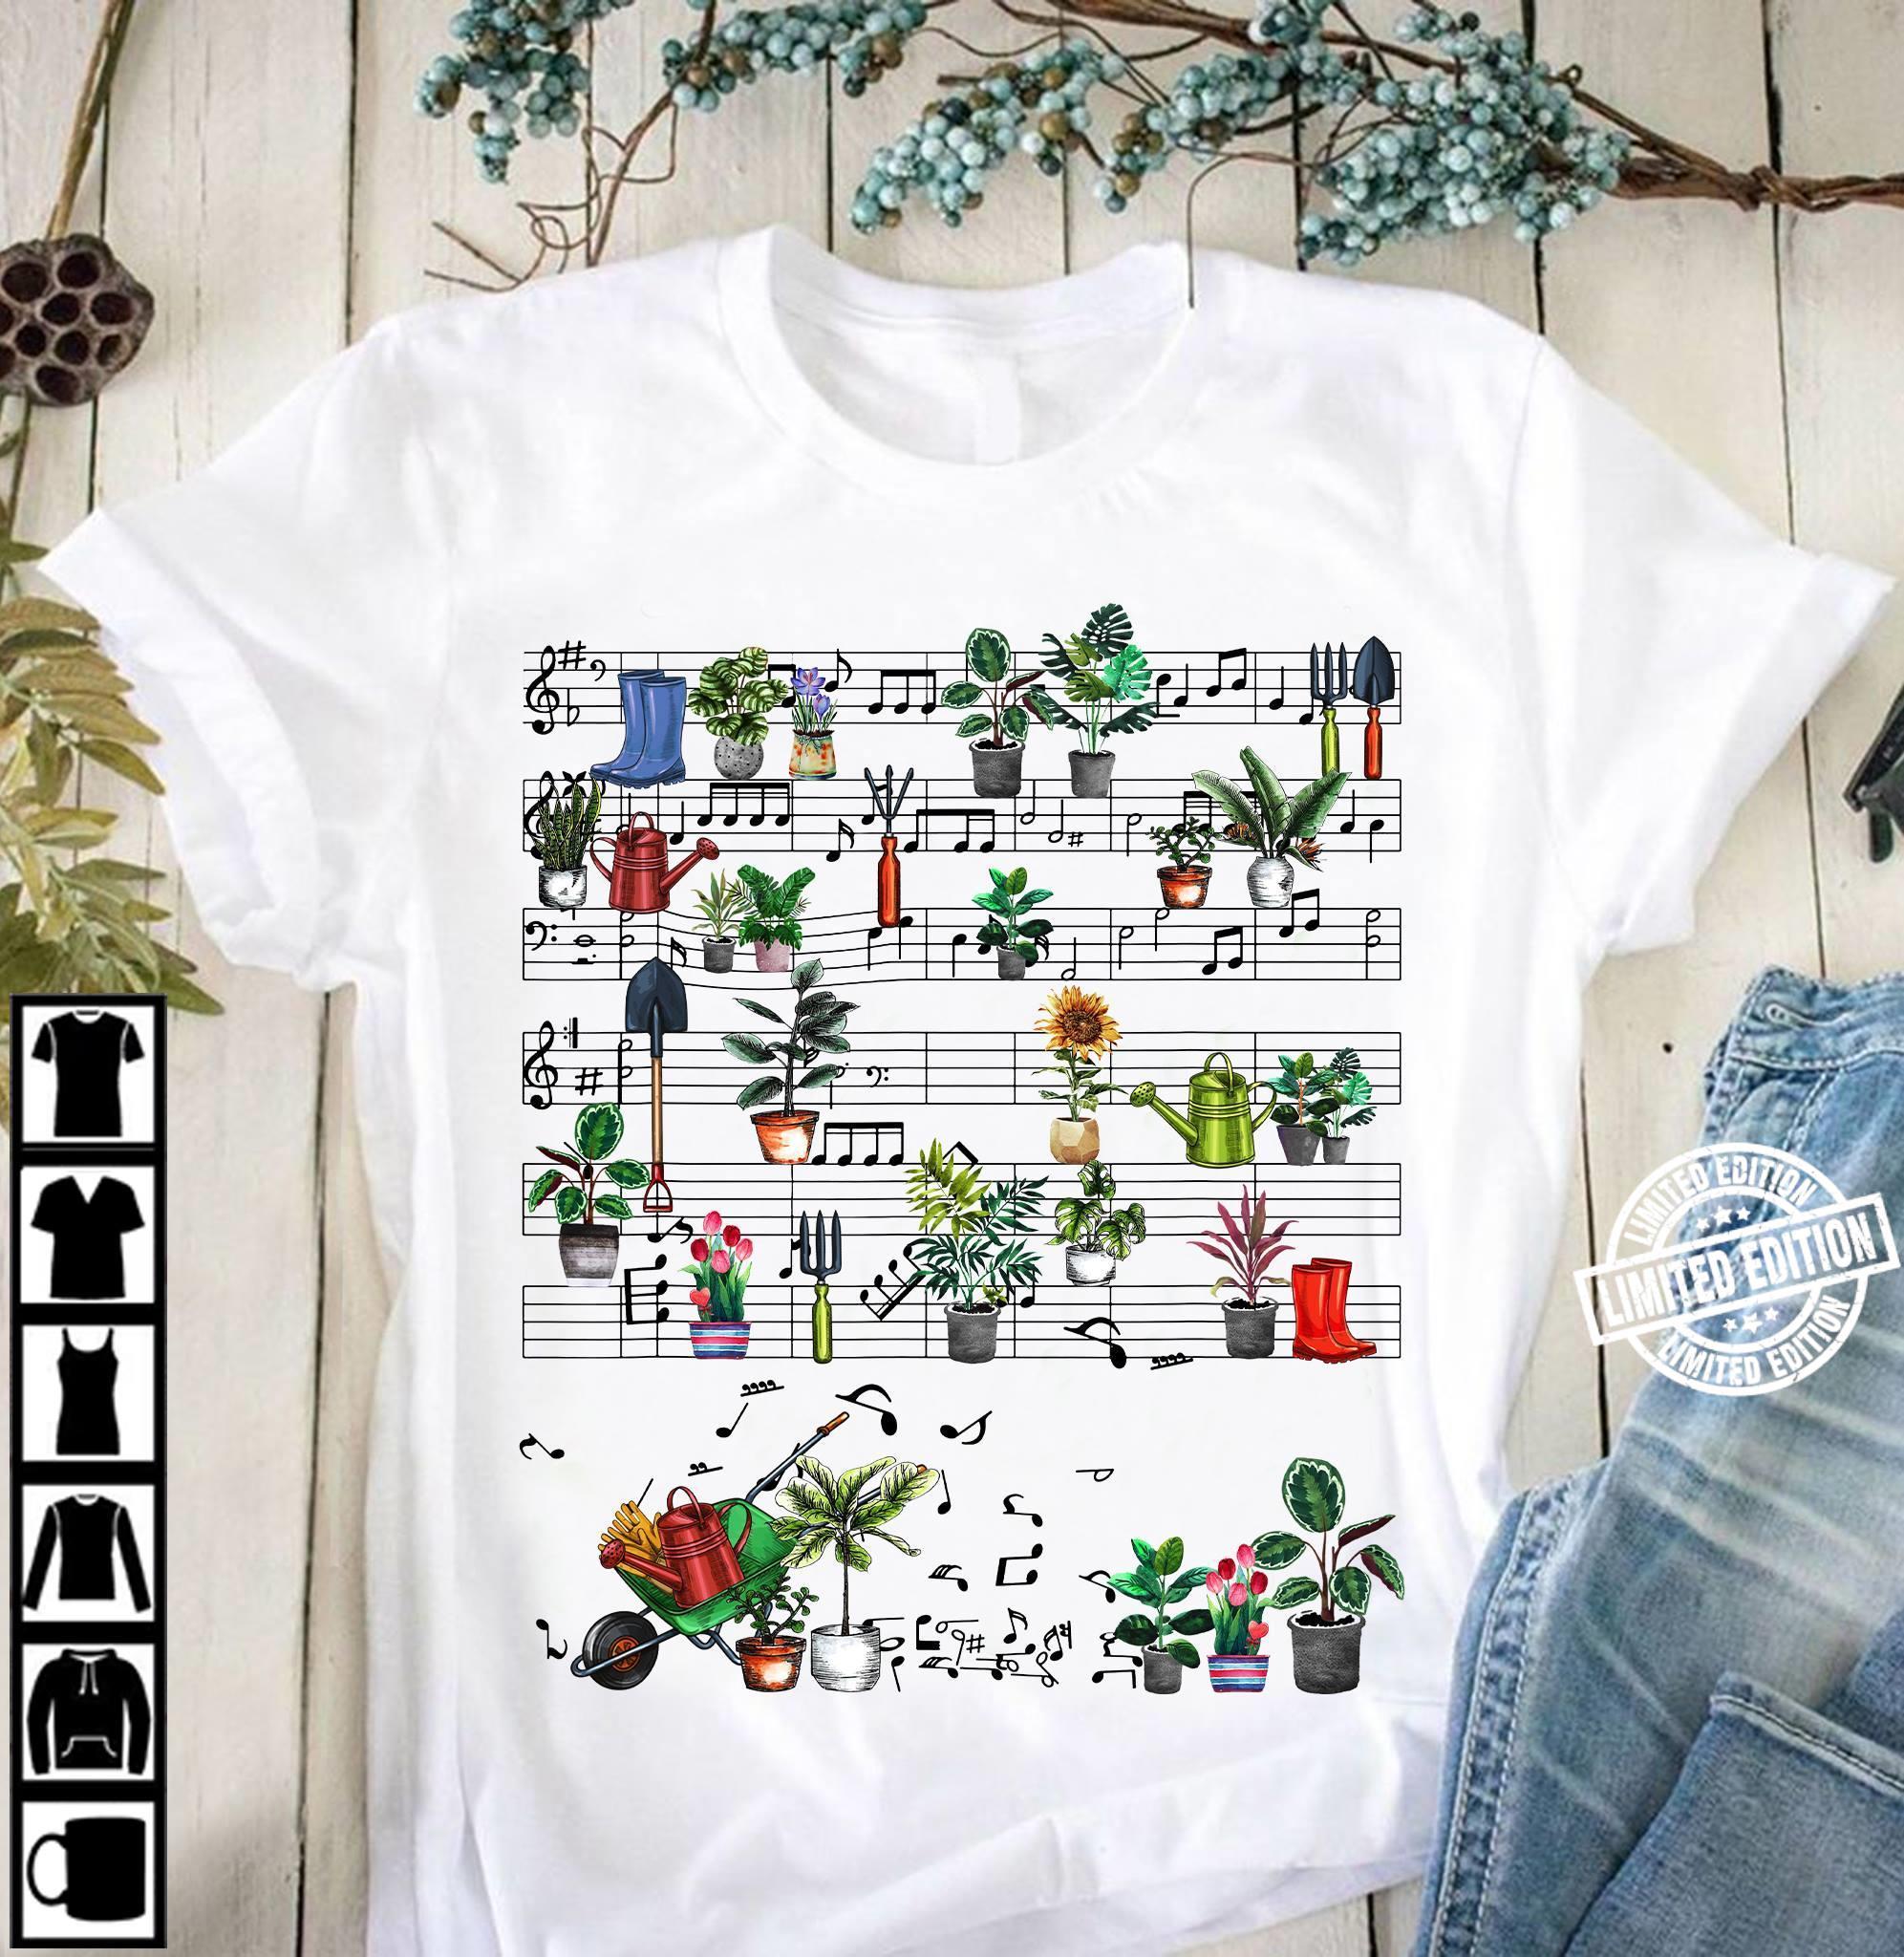 Garden Music Note Shirt